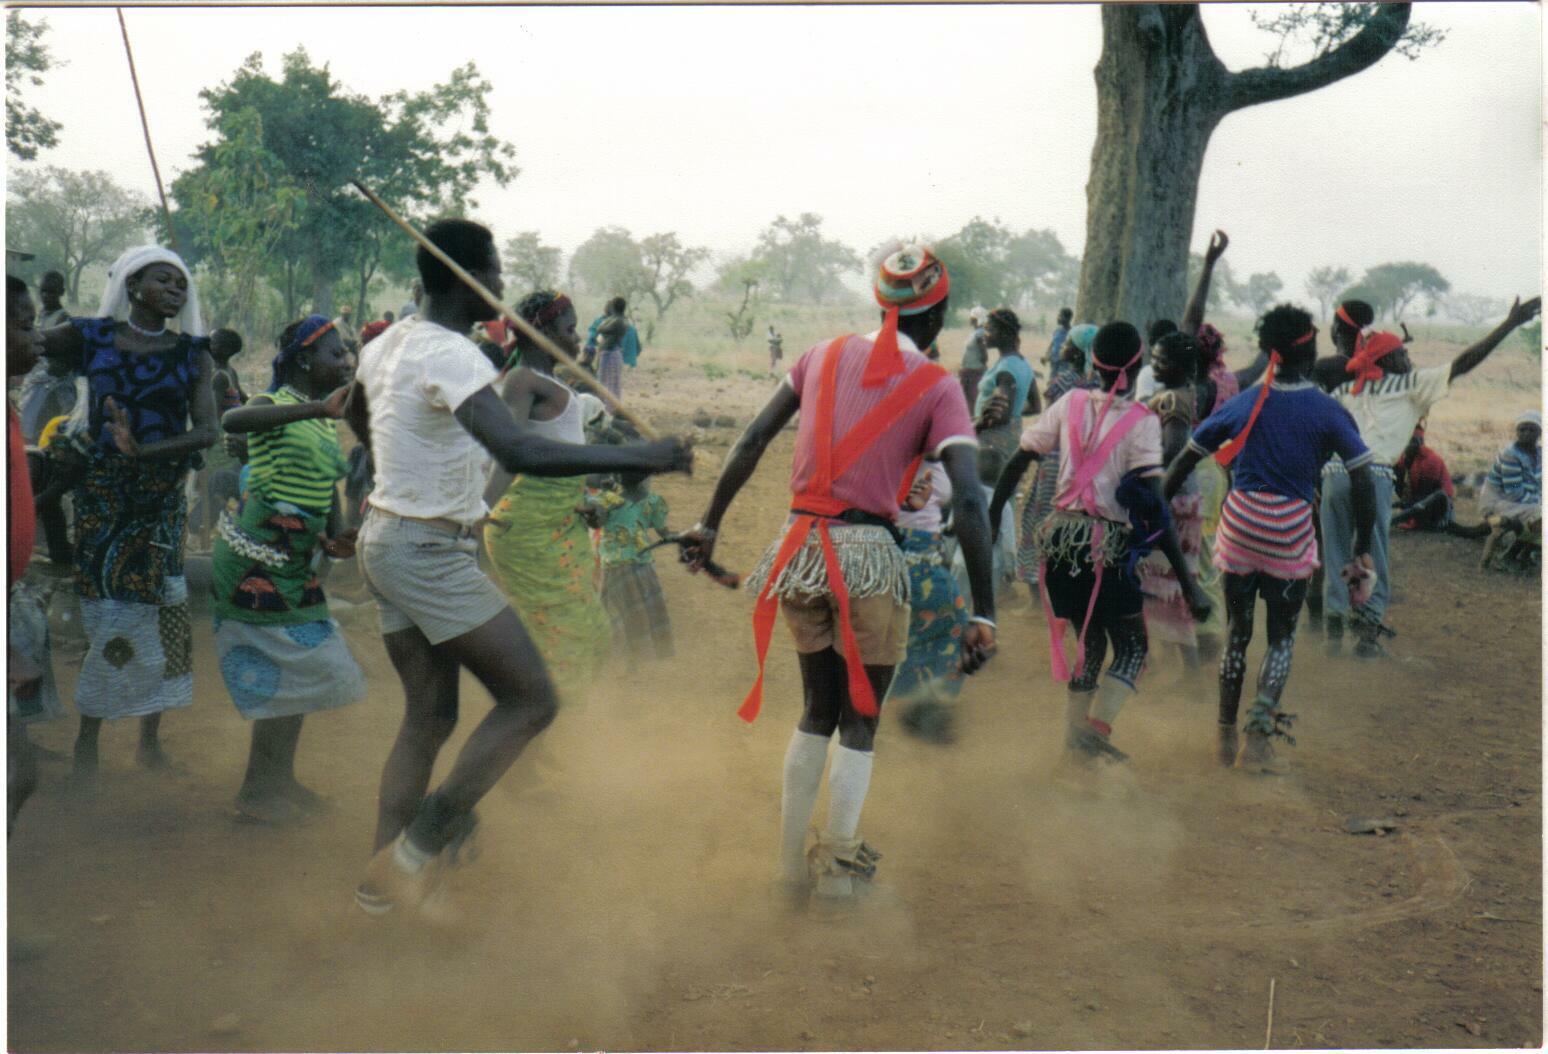 Bavarder et sites de rencontre au Ghana